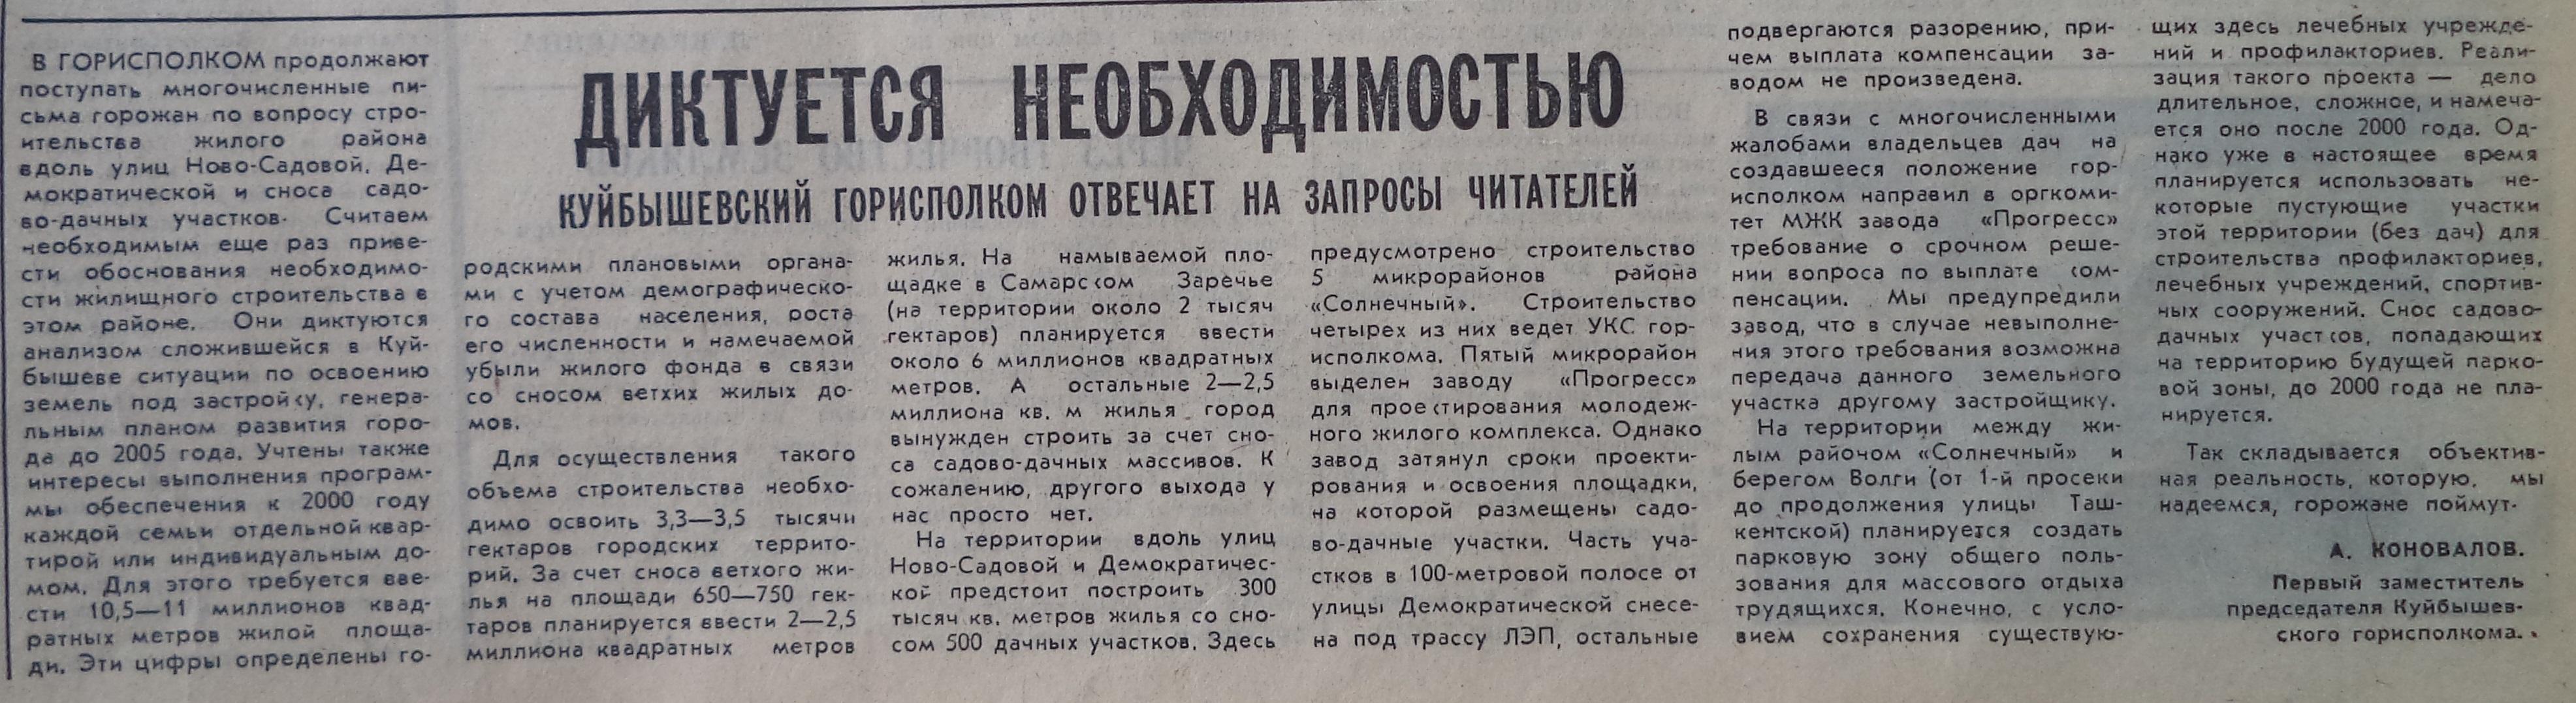 Демократическая-ФОТО-17-ВЗя-1989-09-07-о сносах по НС